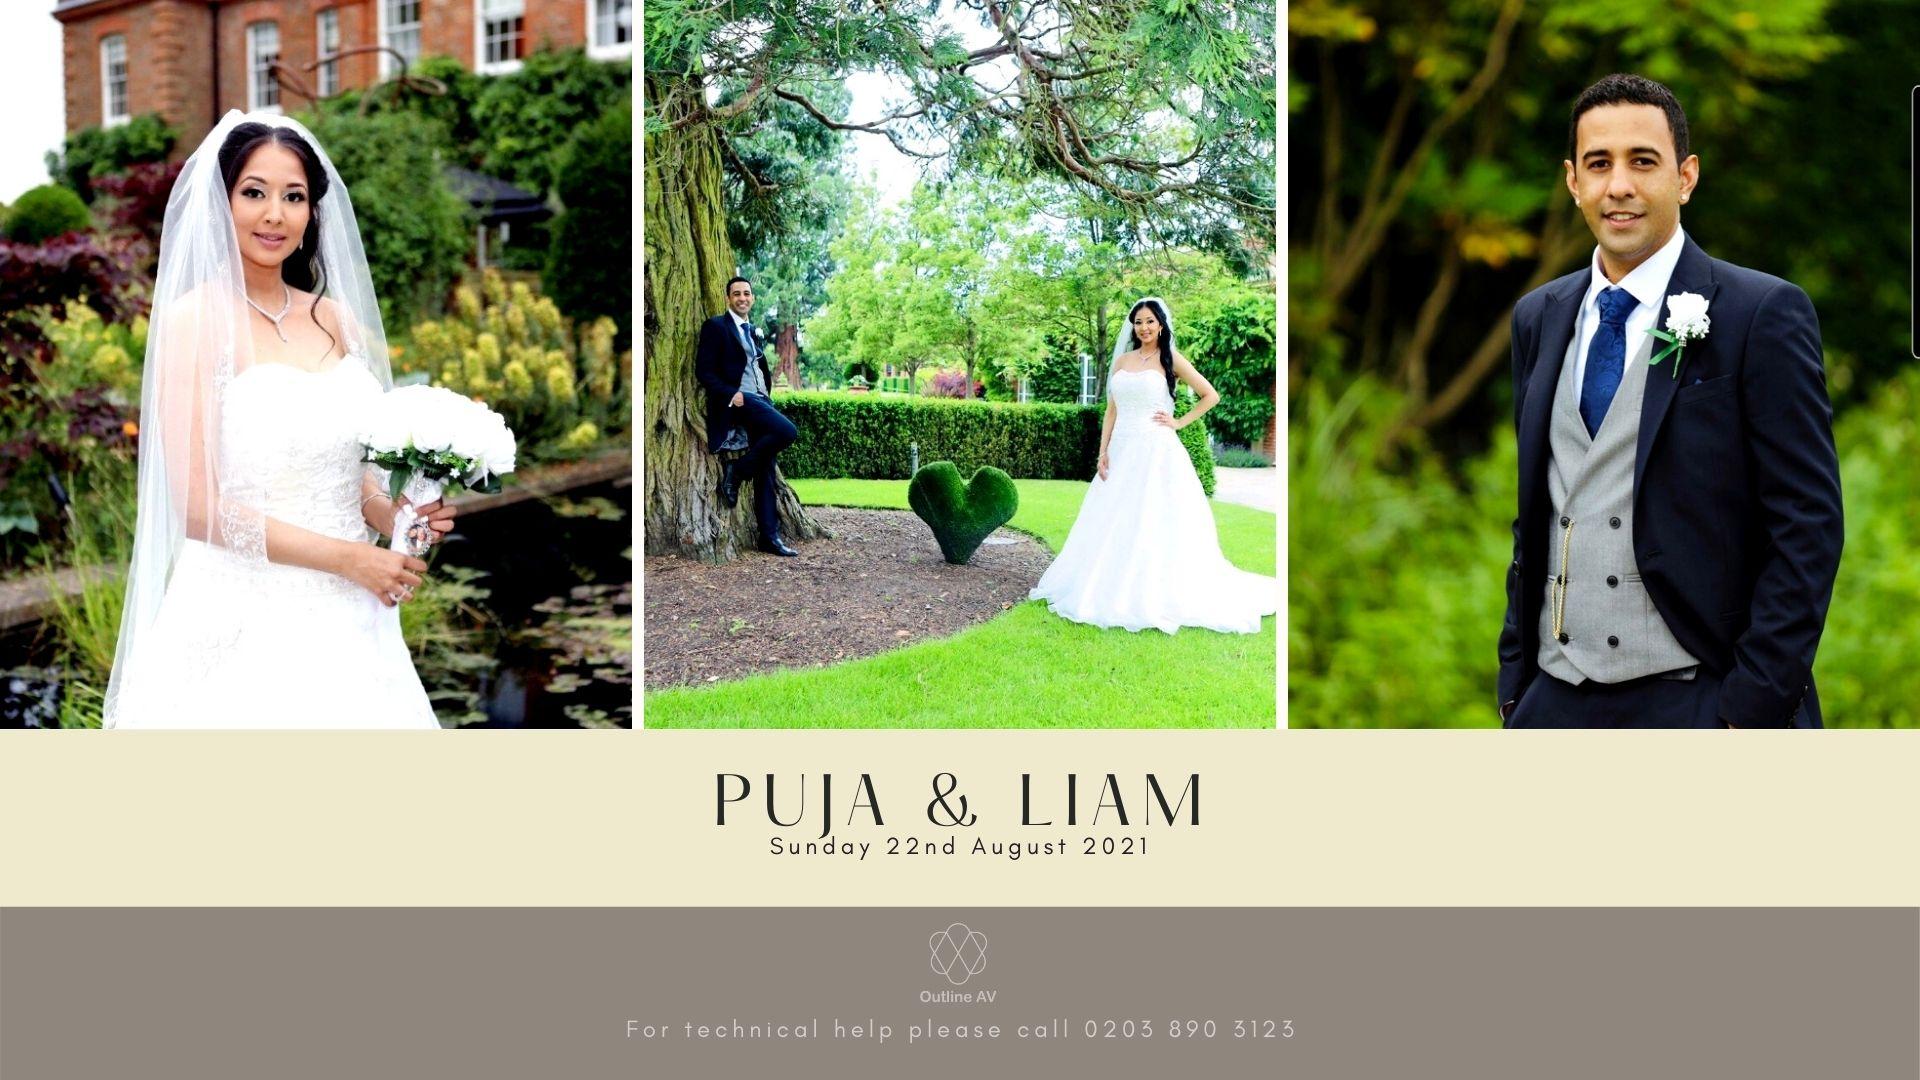 Puja & Liam